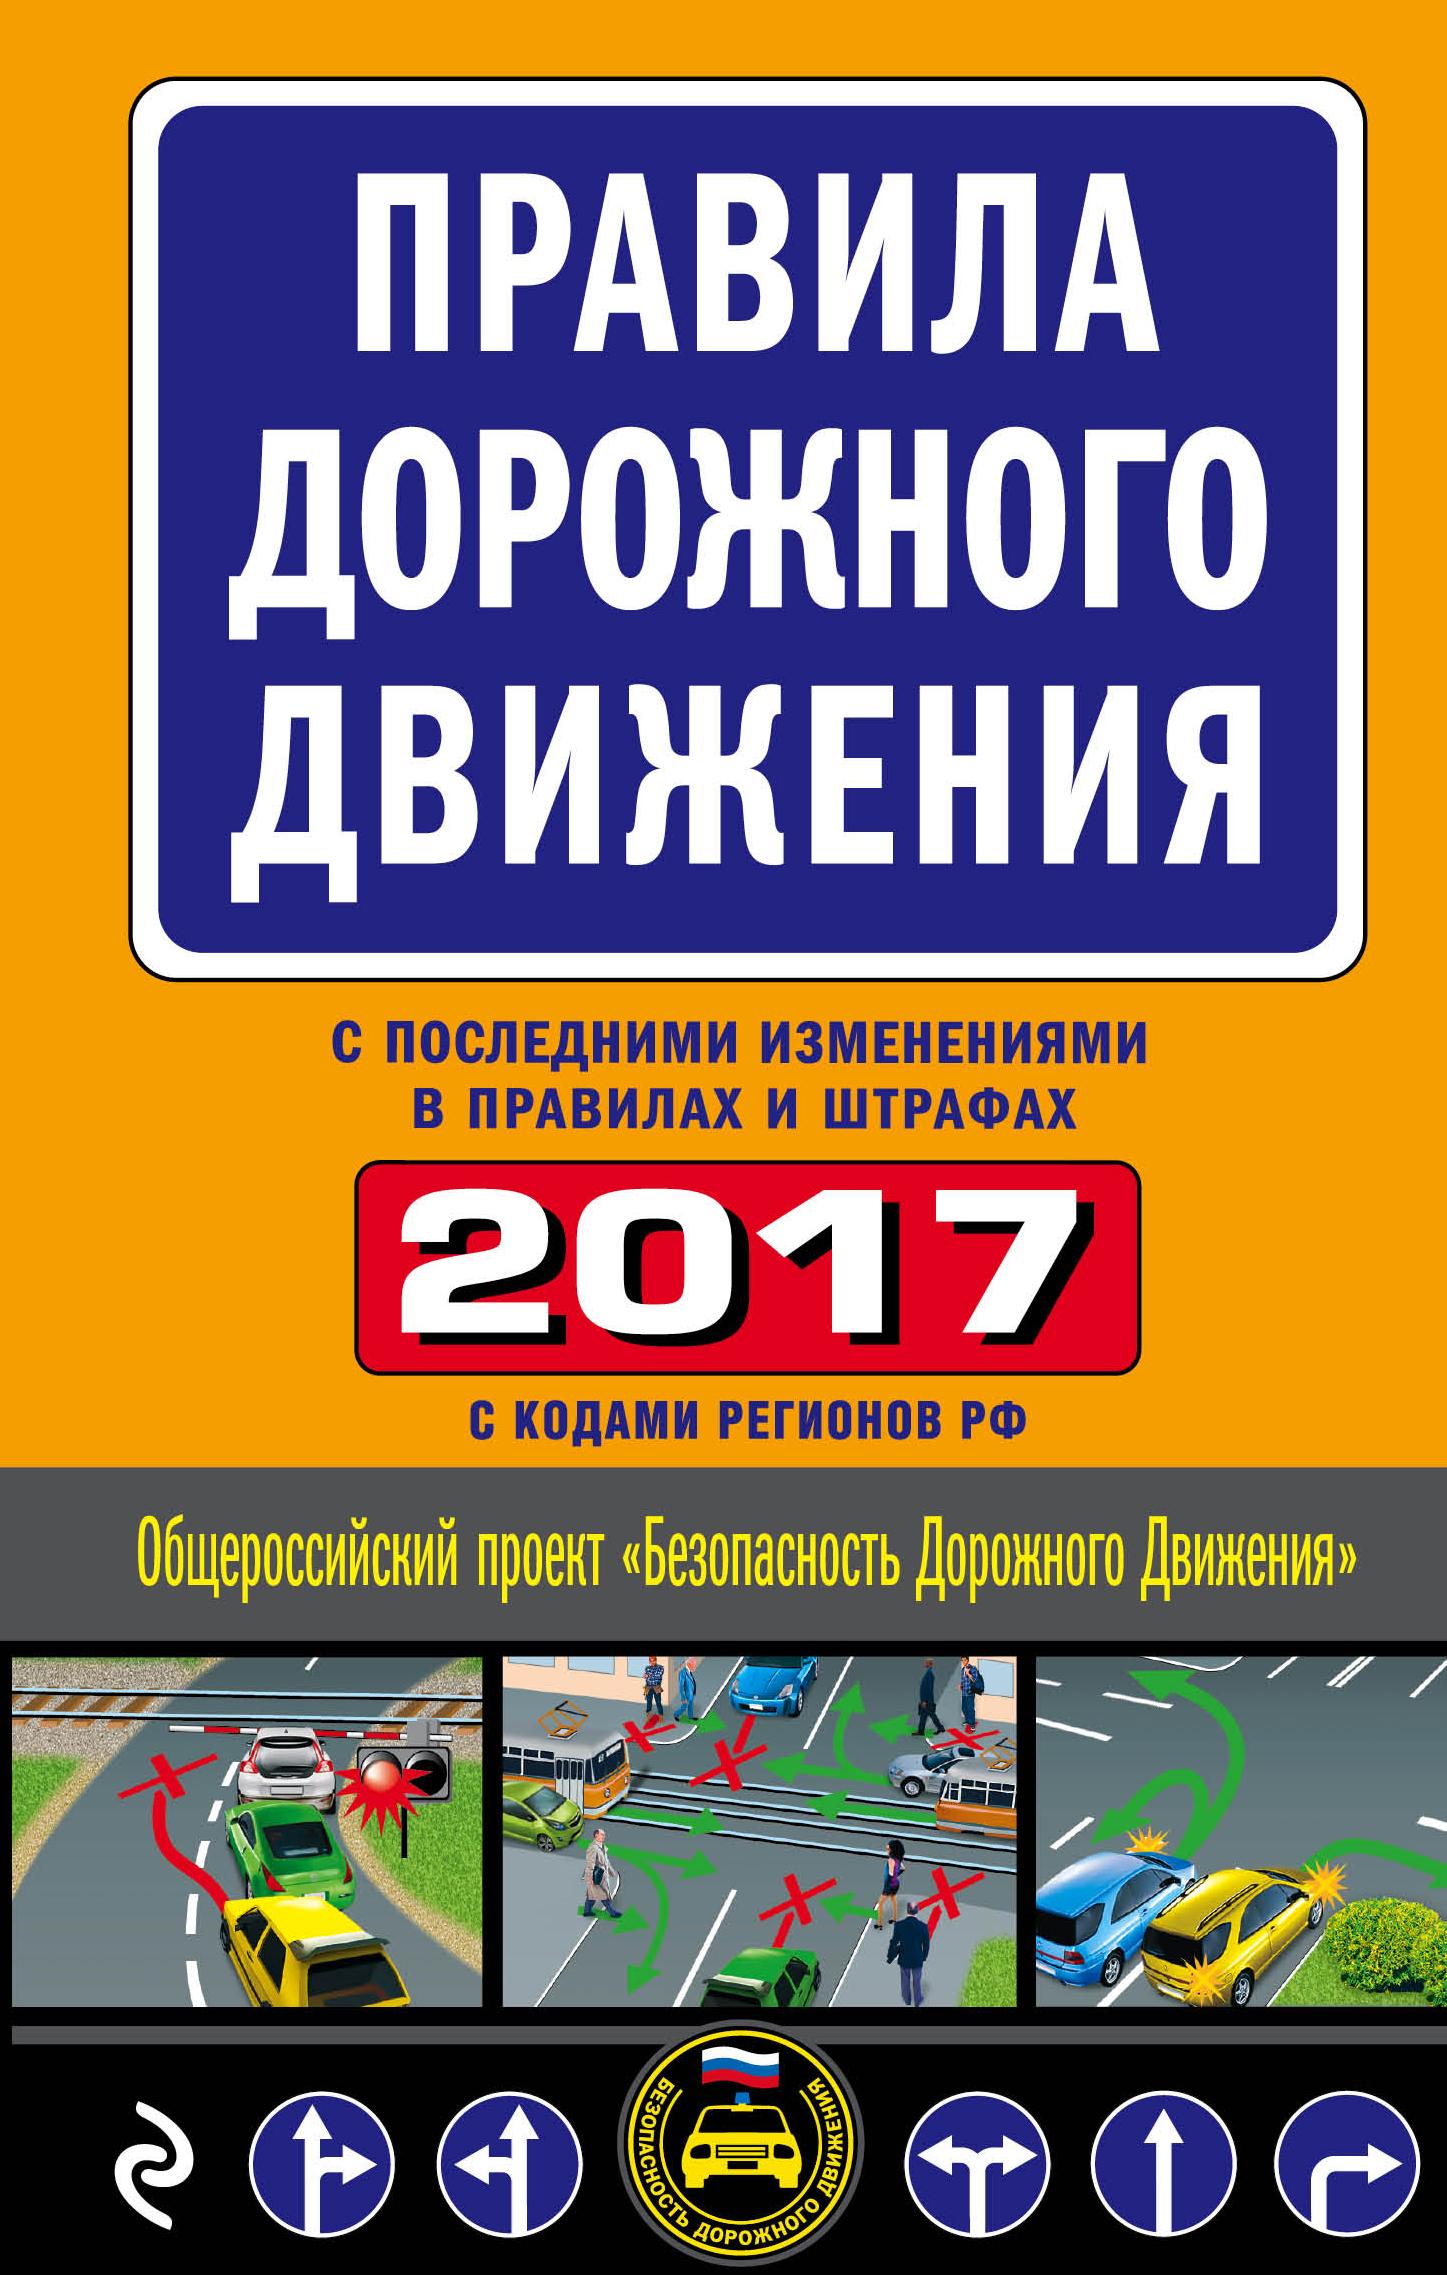 Правила дорожного движения 2017 (с последними изменениями в правилах и штрафах) цены онлайн